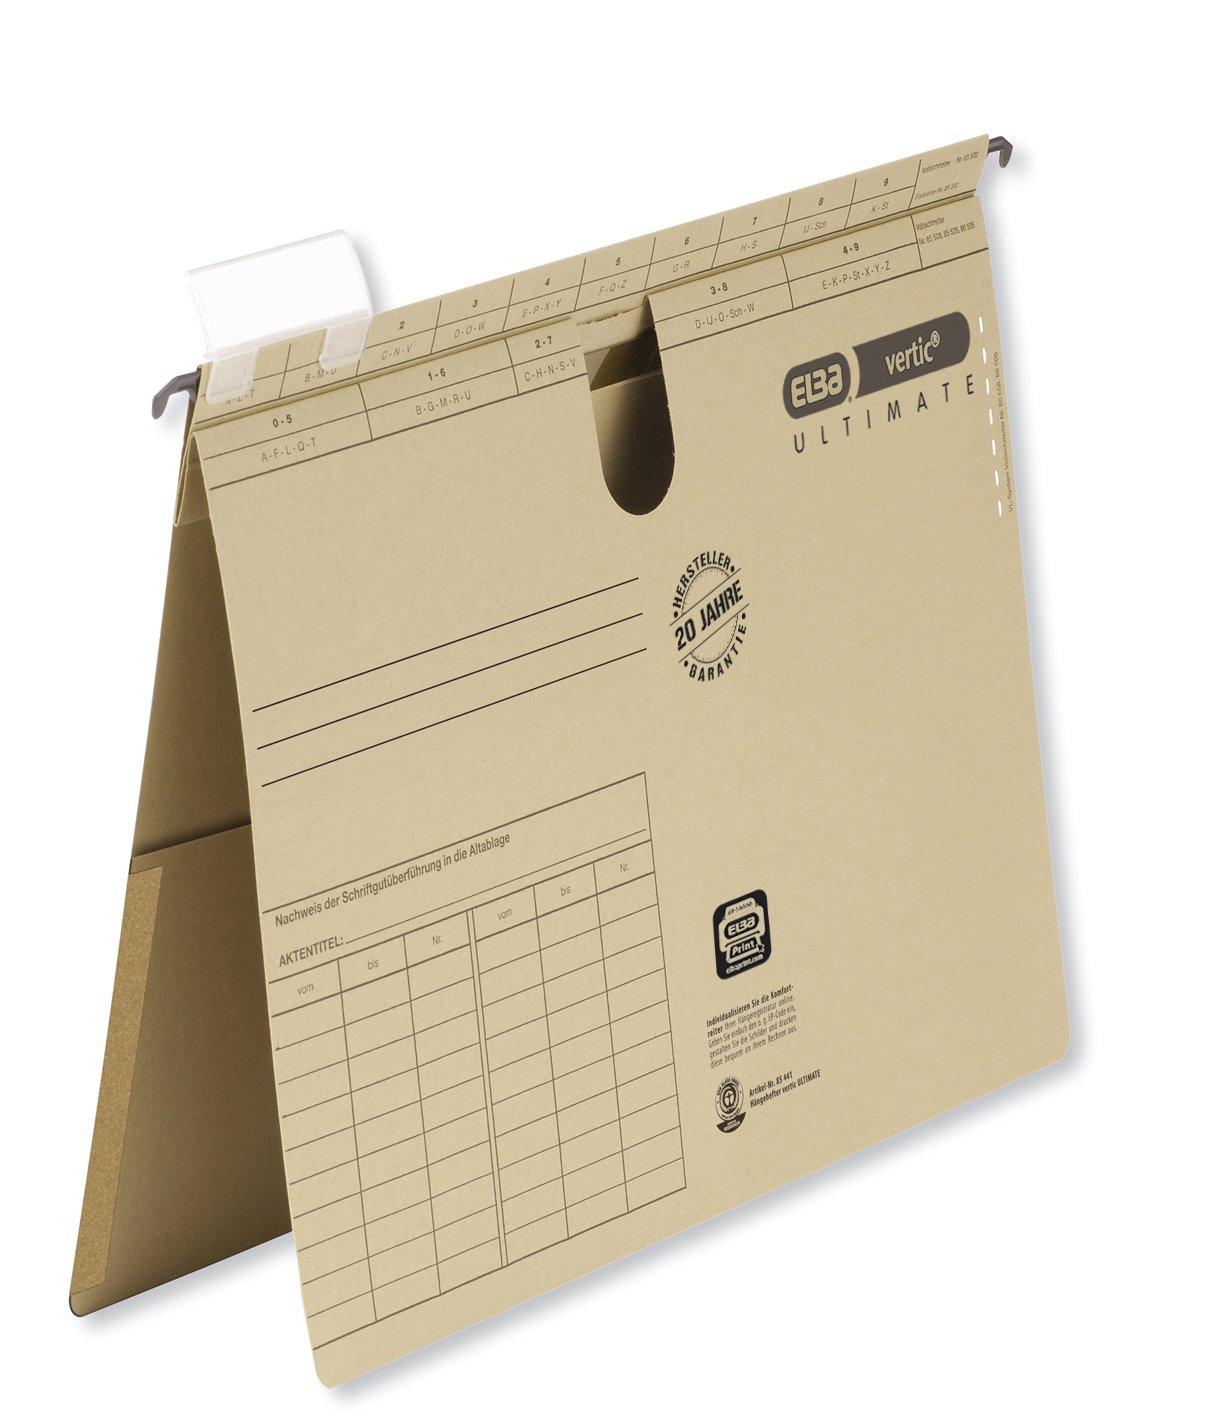 Elba 400051507 coleccionistas bisagras Vertic, RC-Hartpappe para DIN A4-Sábanas, 1,6 mm, Negro: Amazon.es: Oficina y papelería